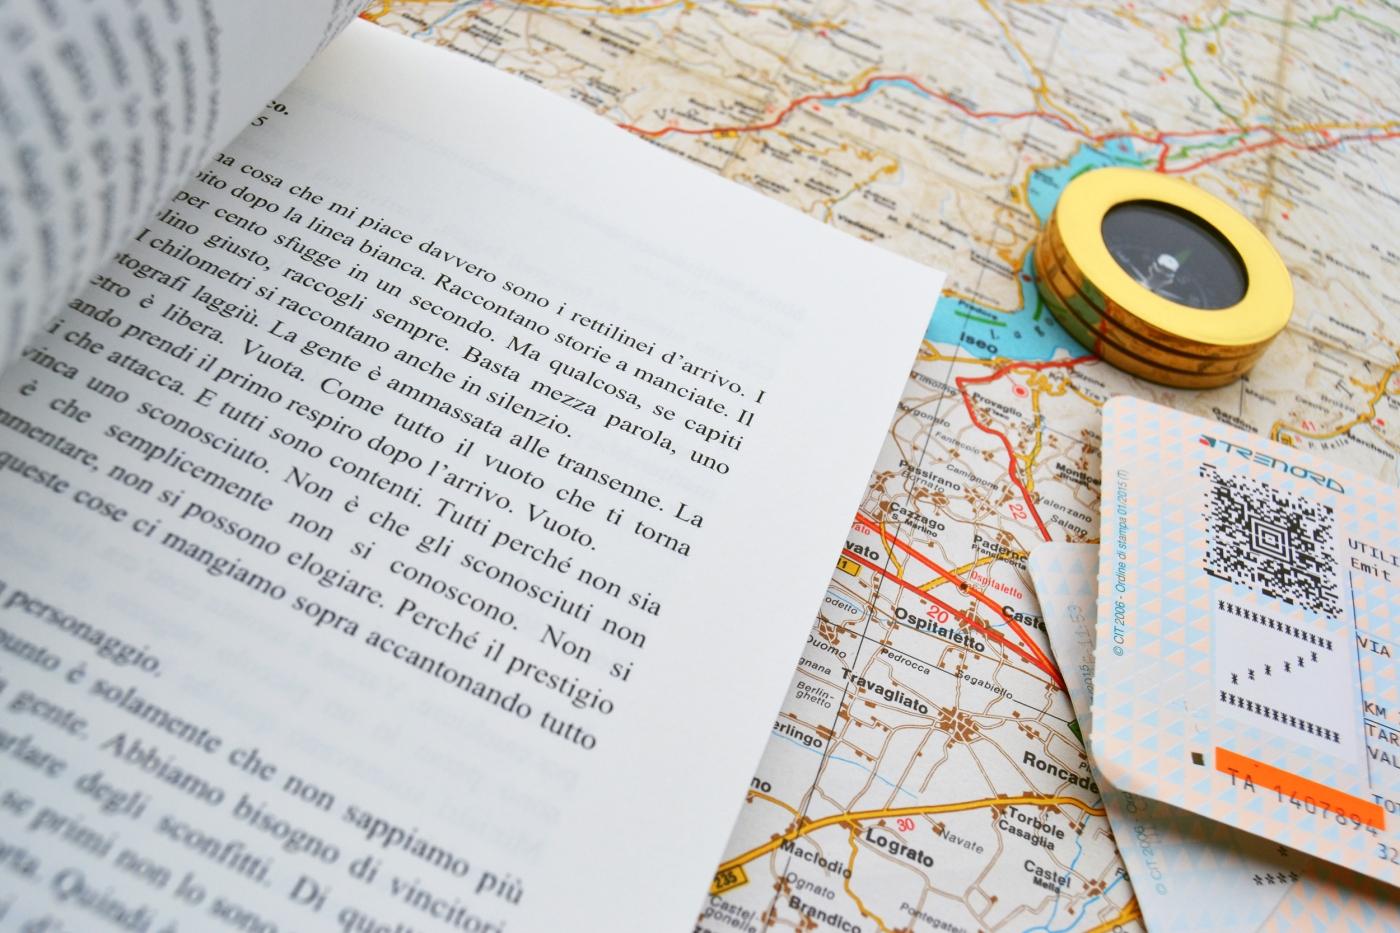 20.000 km viaggio nel cuore del ciclismo